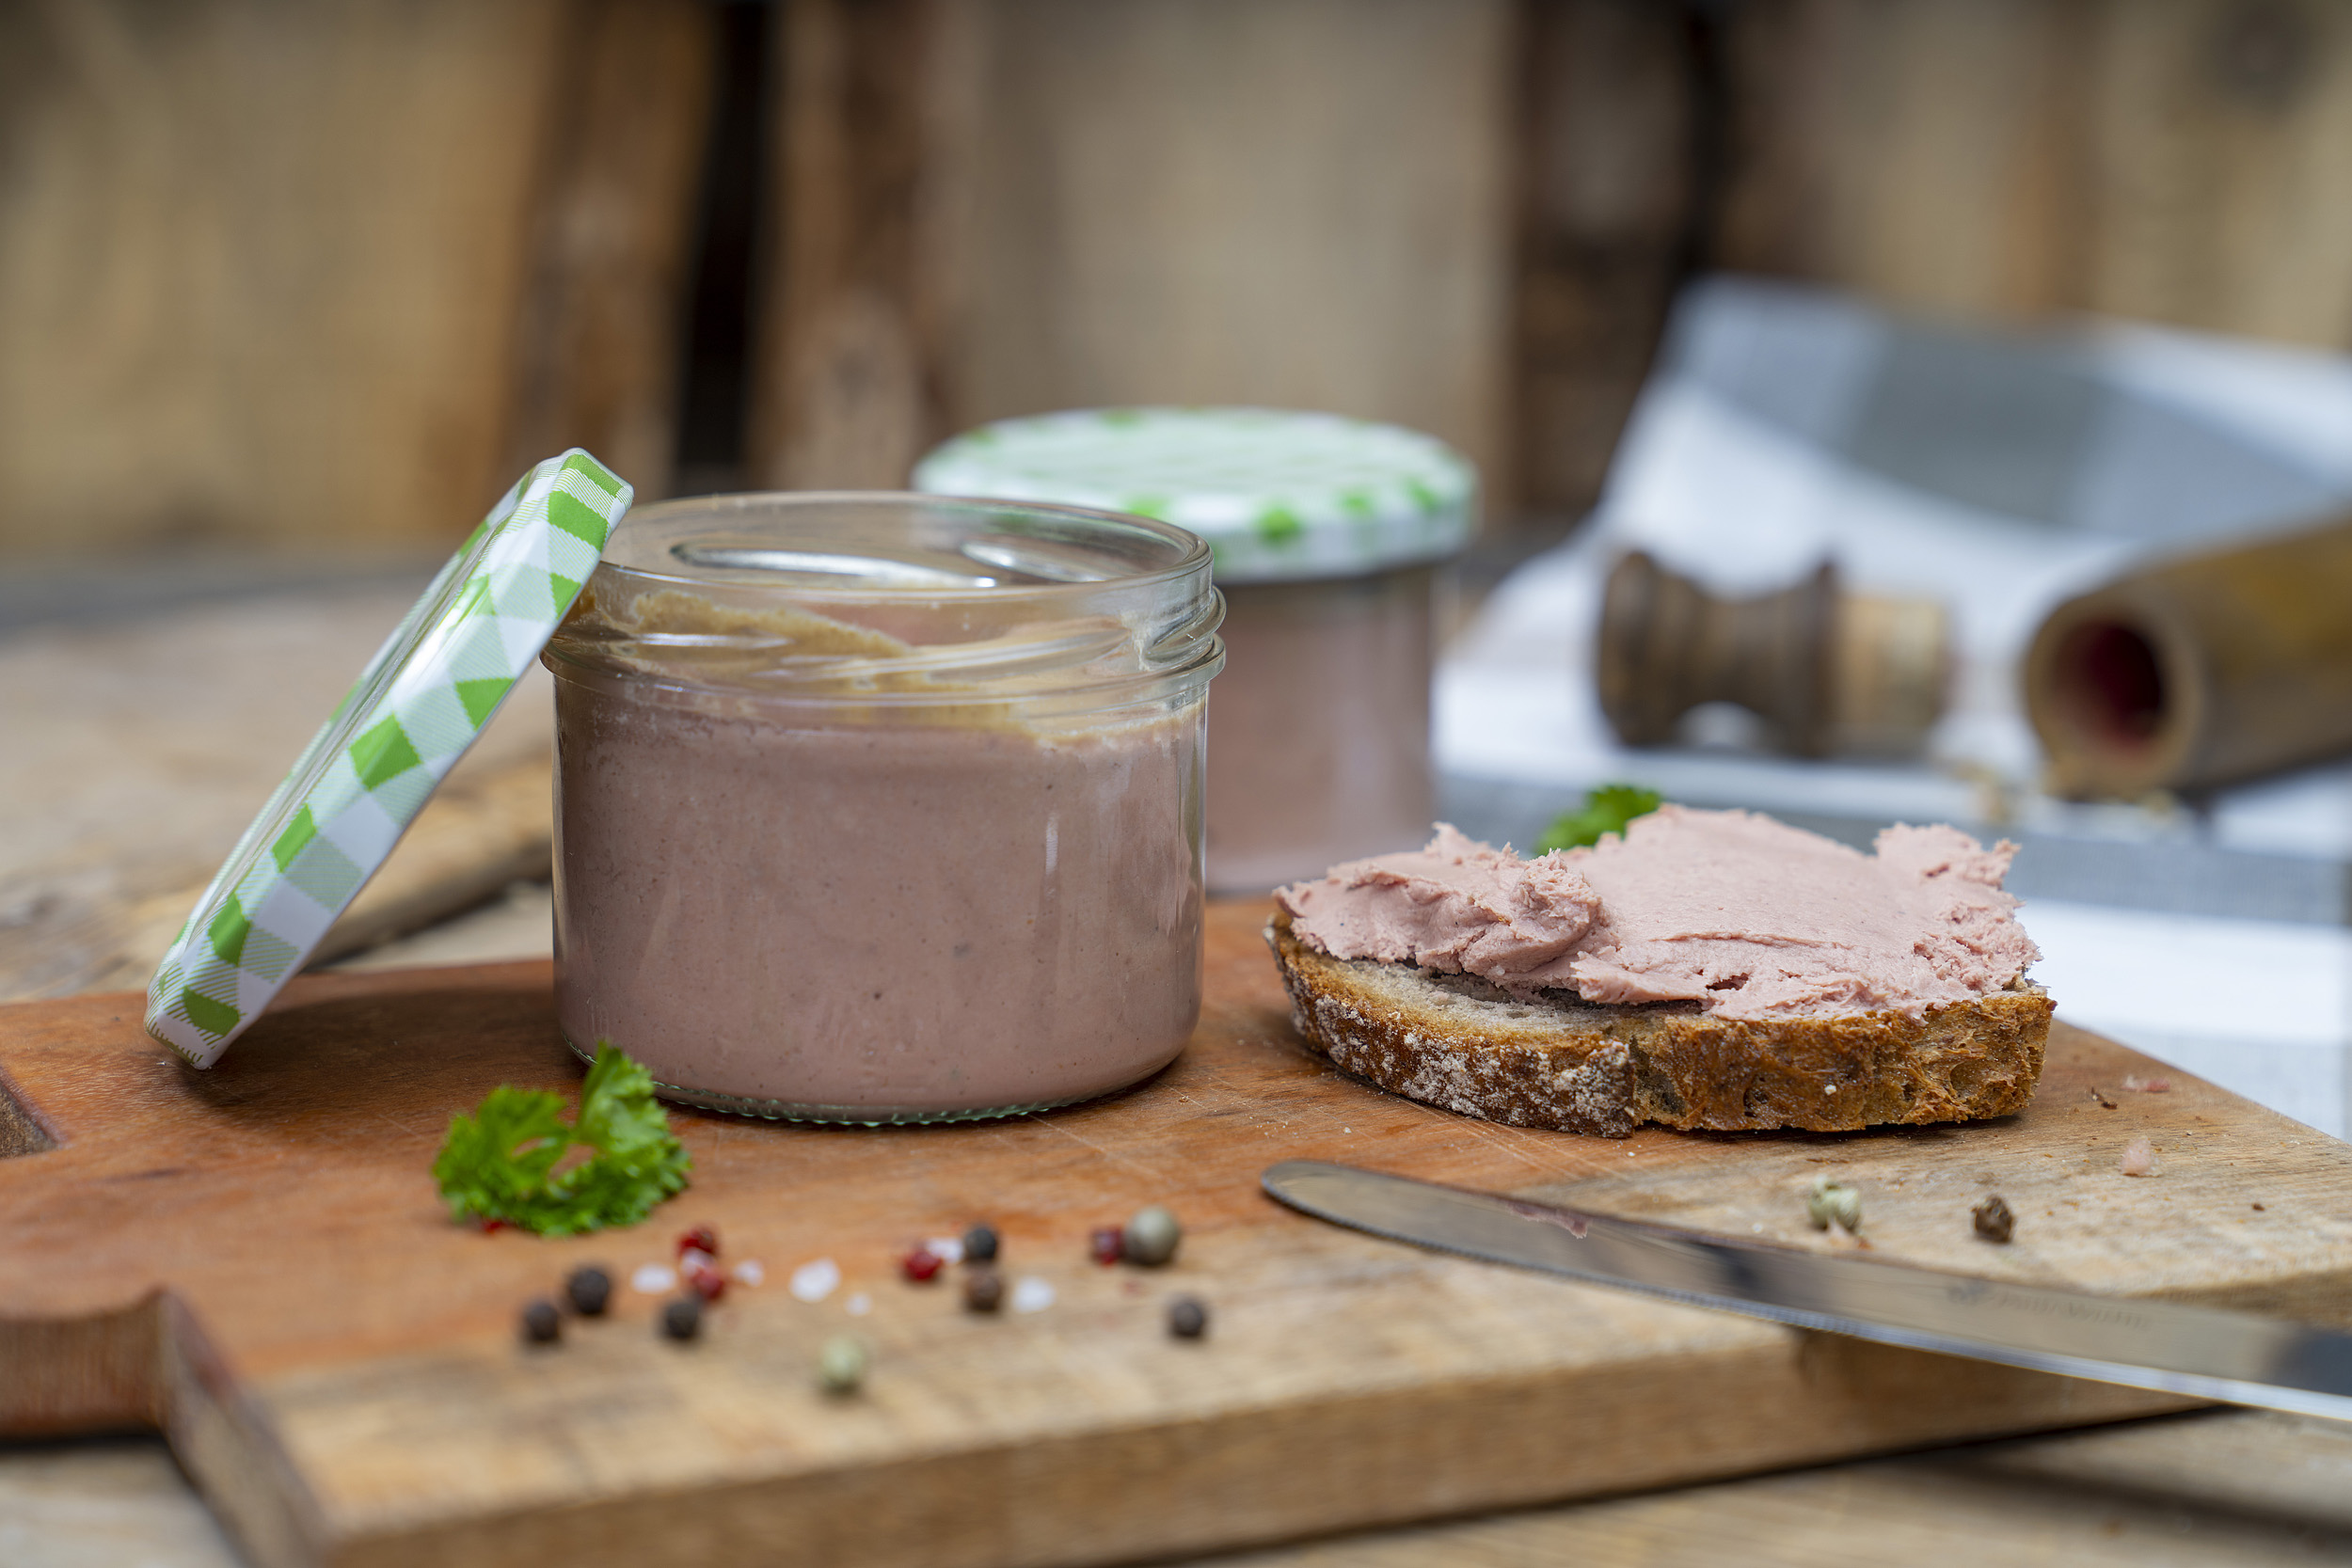 Auf einem Holzbrett ein Glas mit Kalbfleischleberwurst. Daneben eine Schnitte mit Leberwurst beschmiert und Gewürze. Am Brett vorn liegt ein Messer. Im Hintergrund ein weiteres Glas.